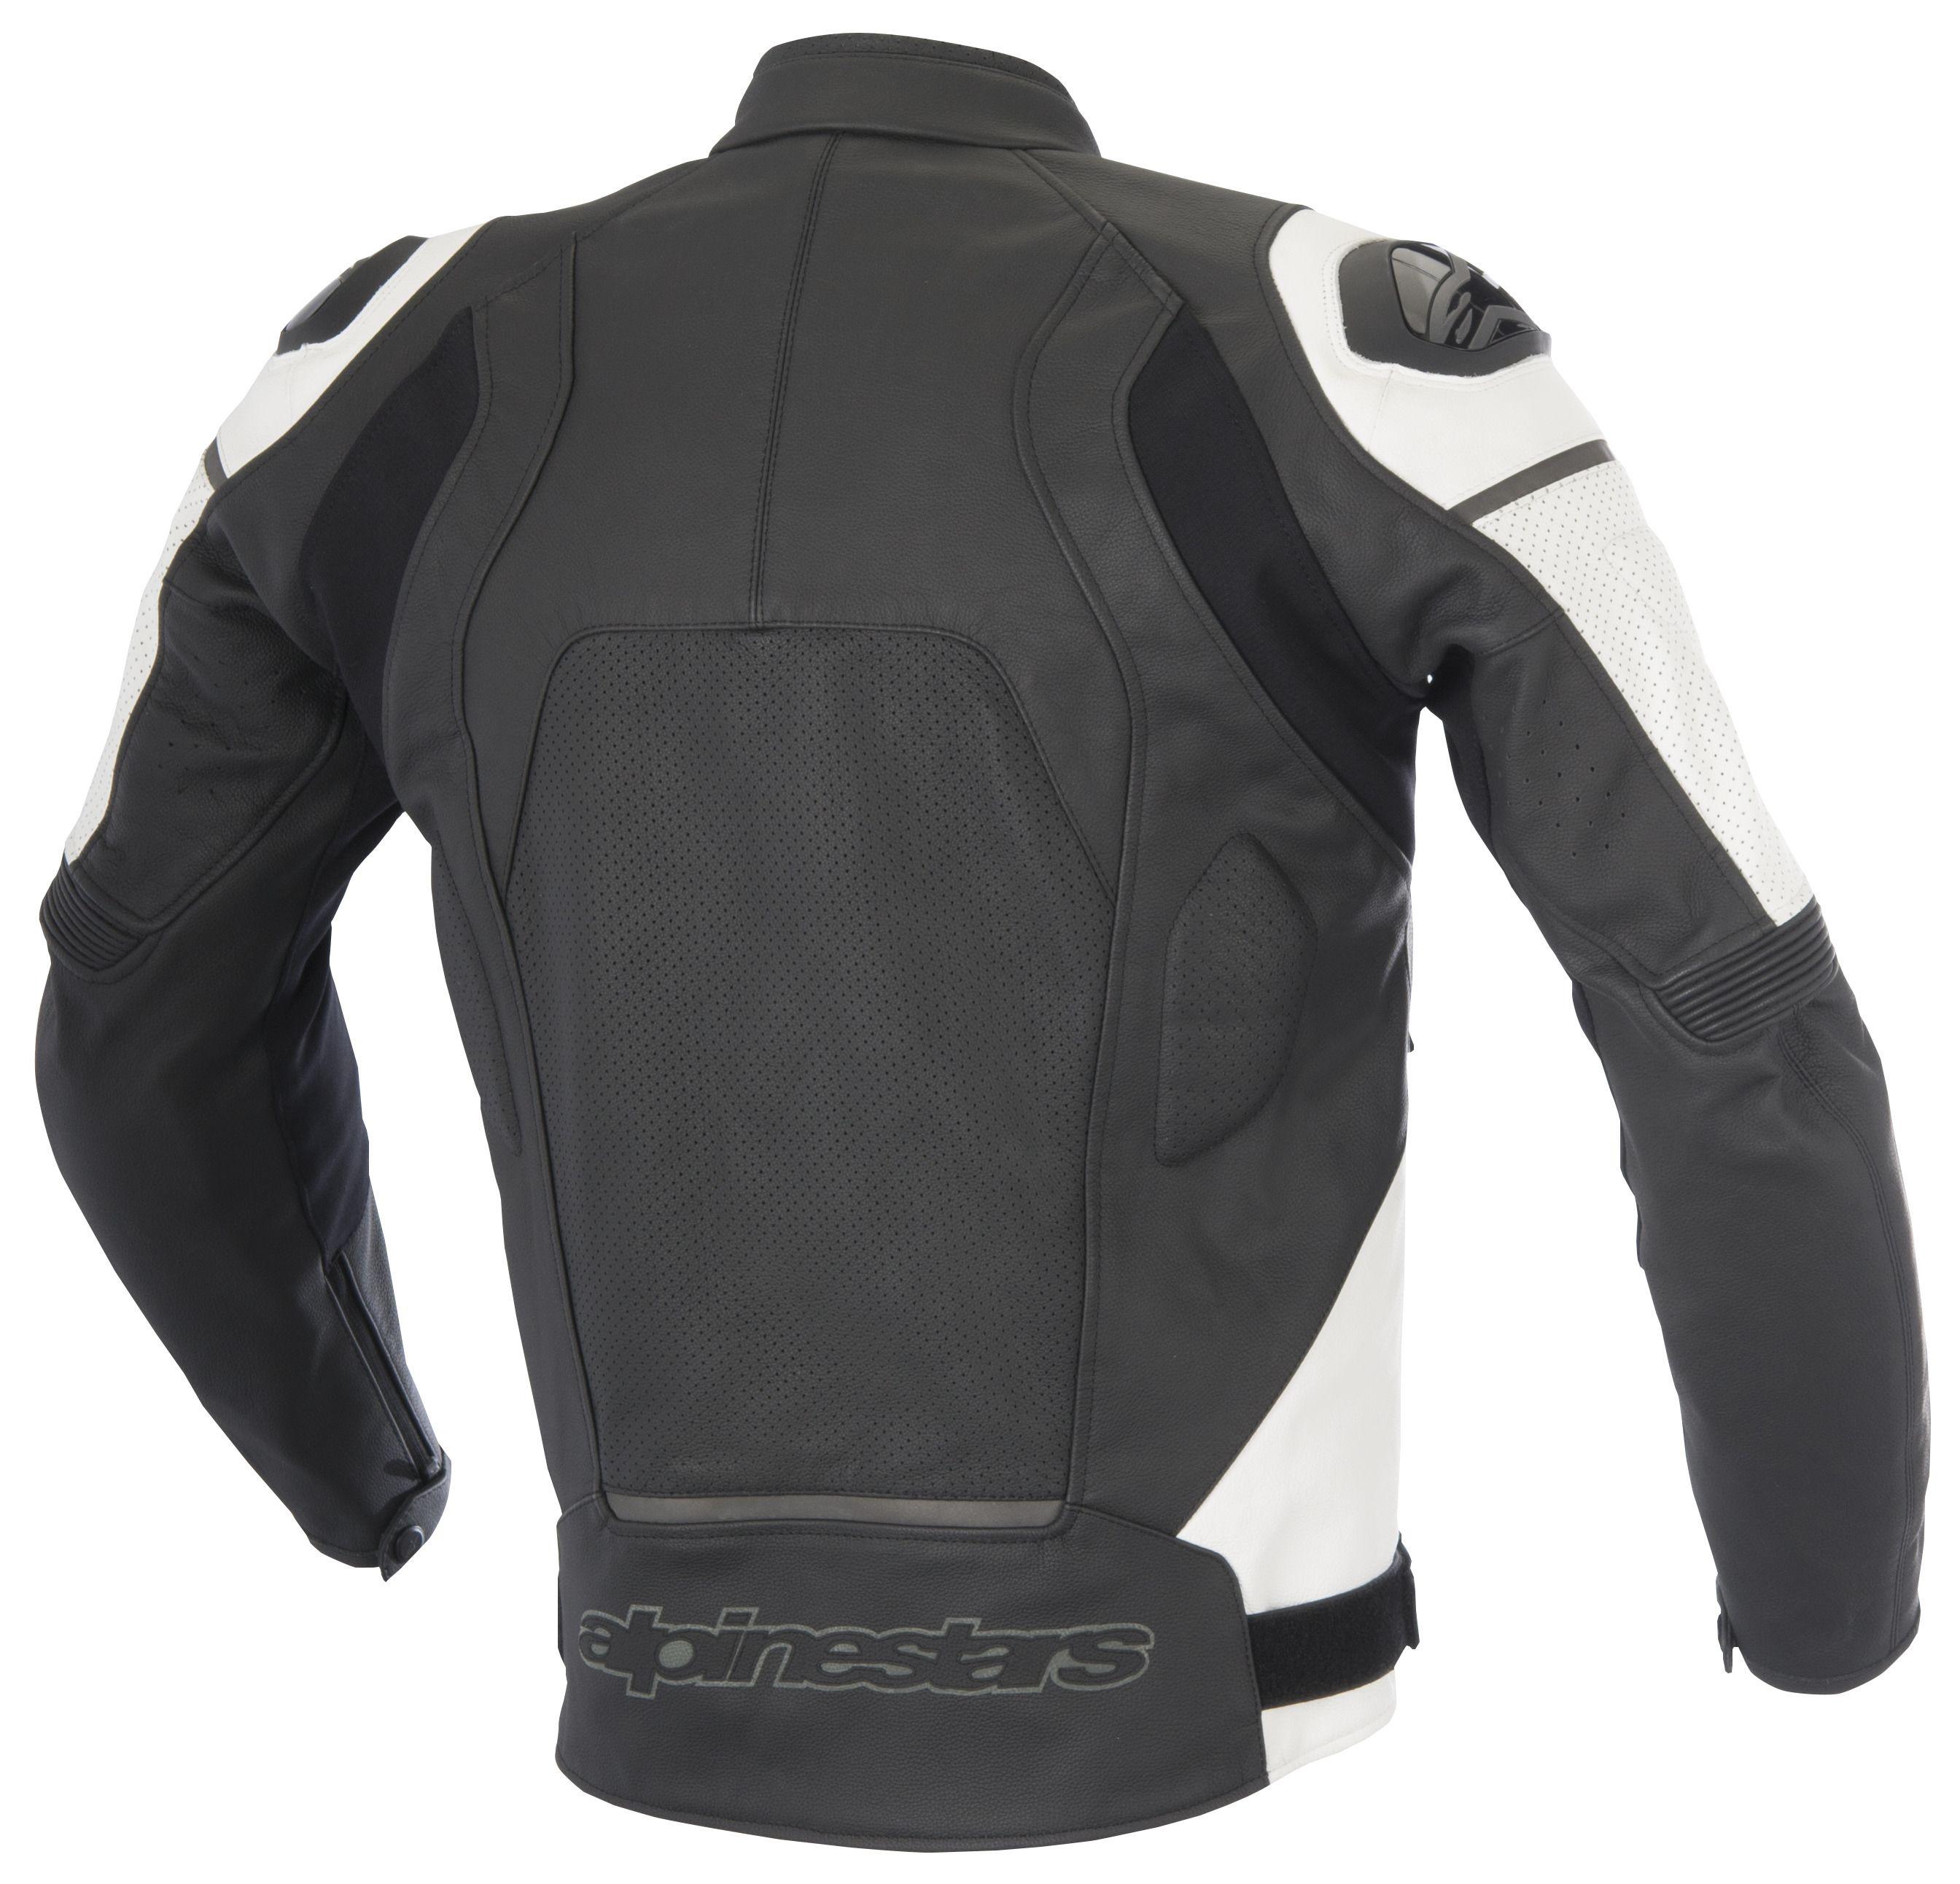 Alpinestars Leather Jacket >> Alpinestars Core Airflow Jacket 15 88 49 Off Revzilla